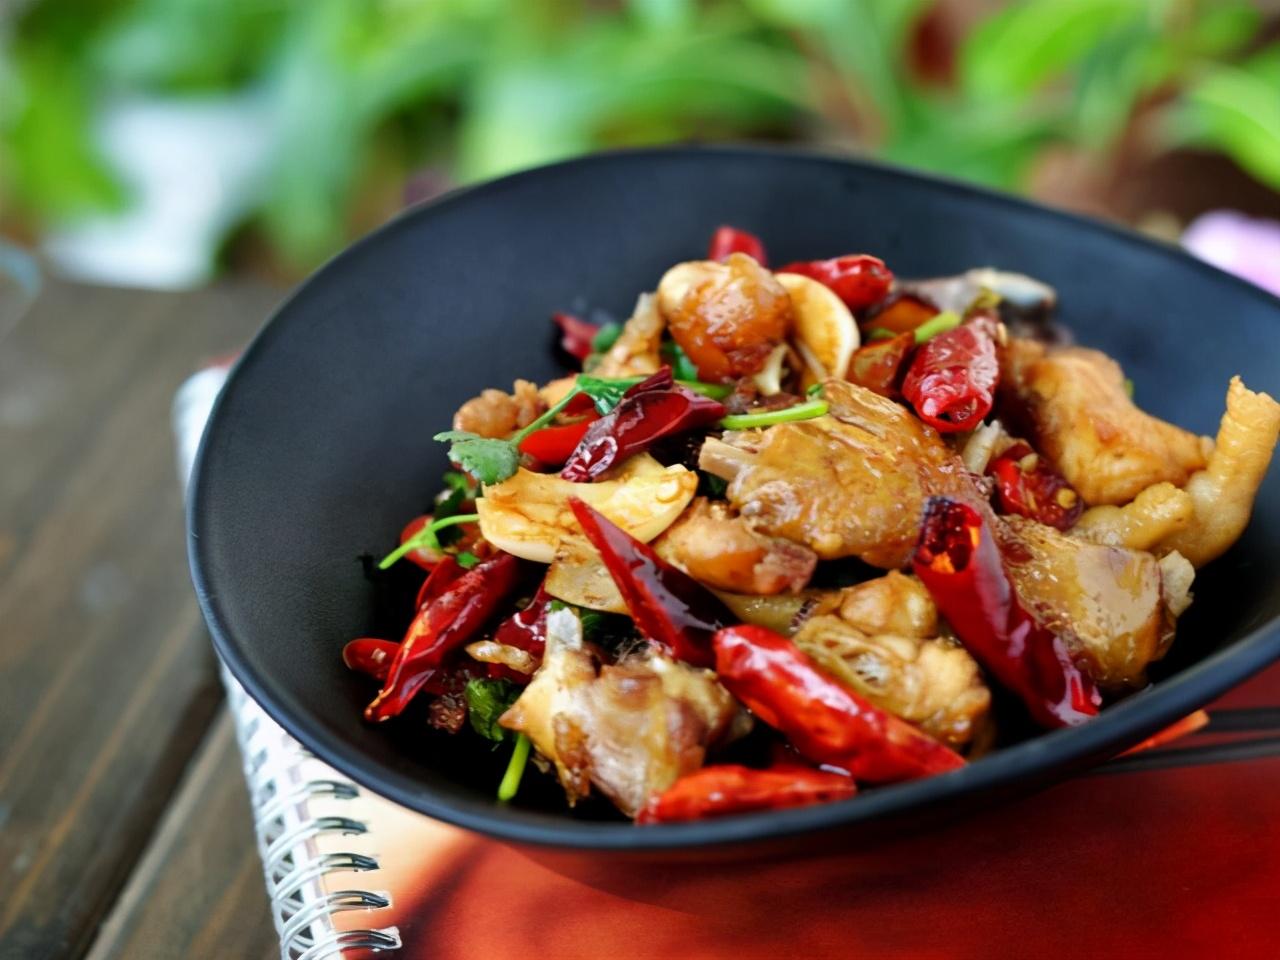 4道不加辣椒的湖南菜,每一道都别具风味,看看你都吃过哪几道?#金猫榜#